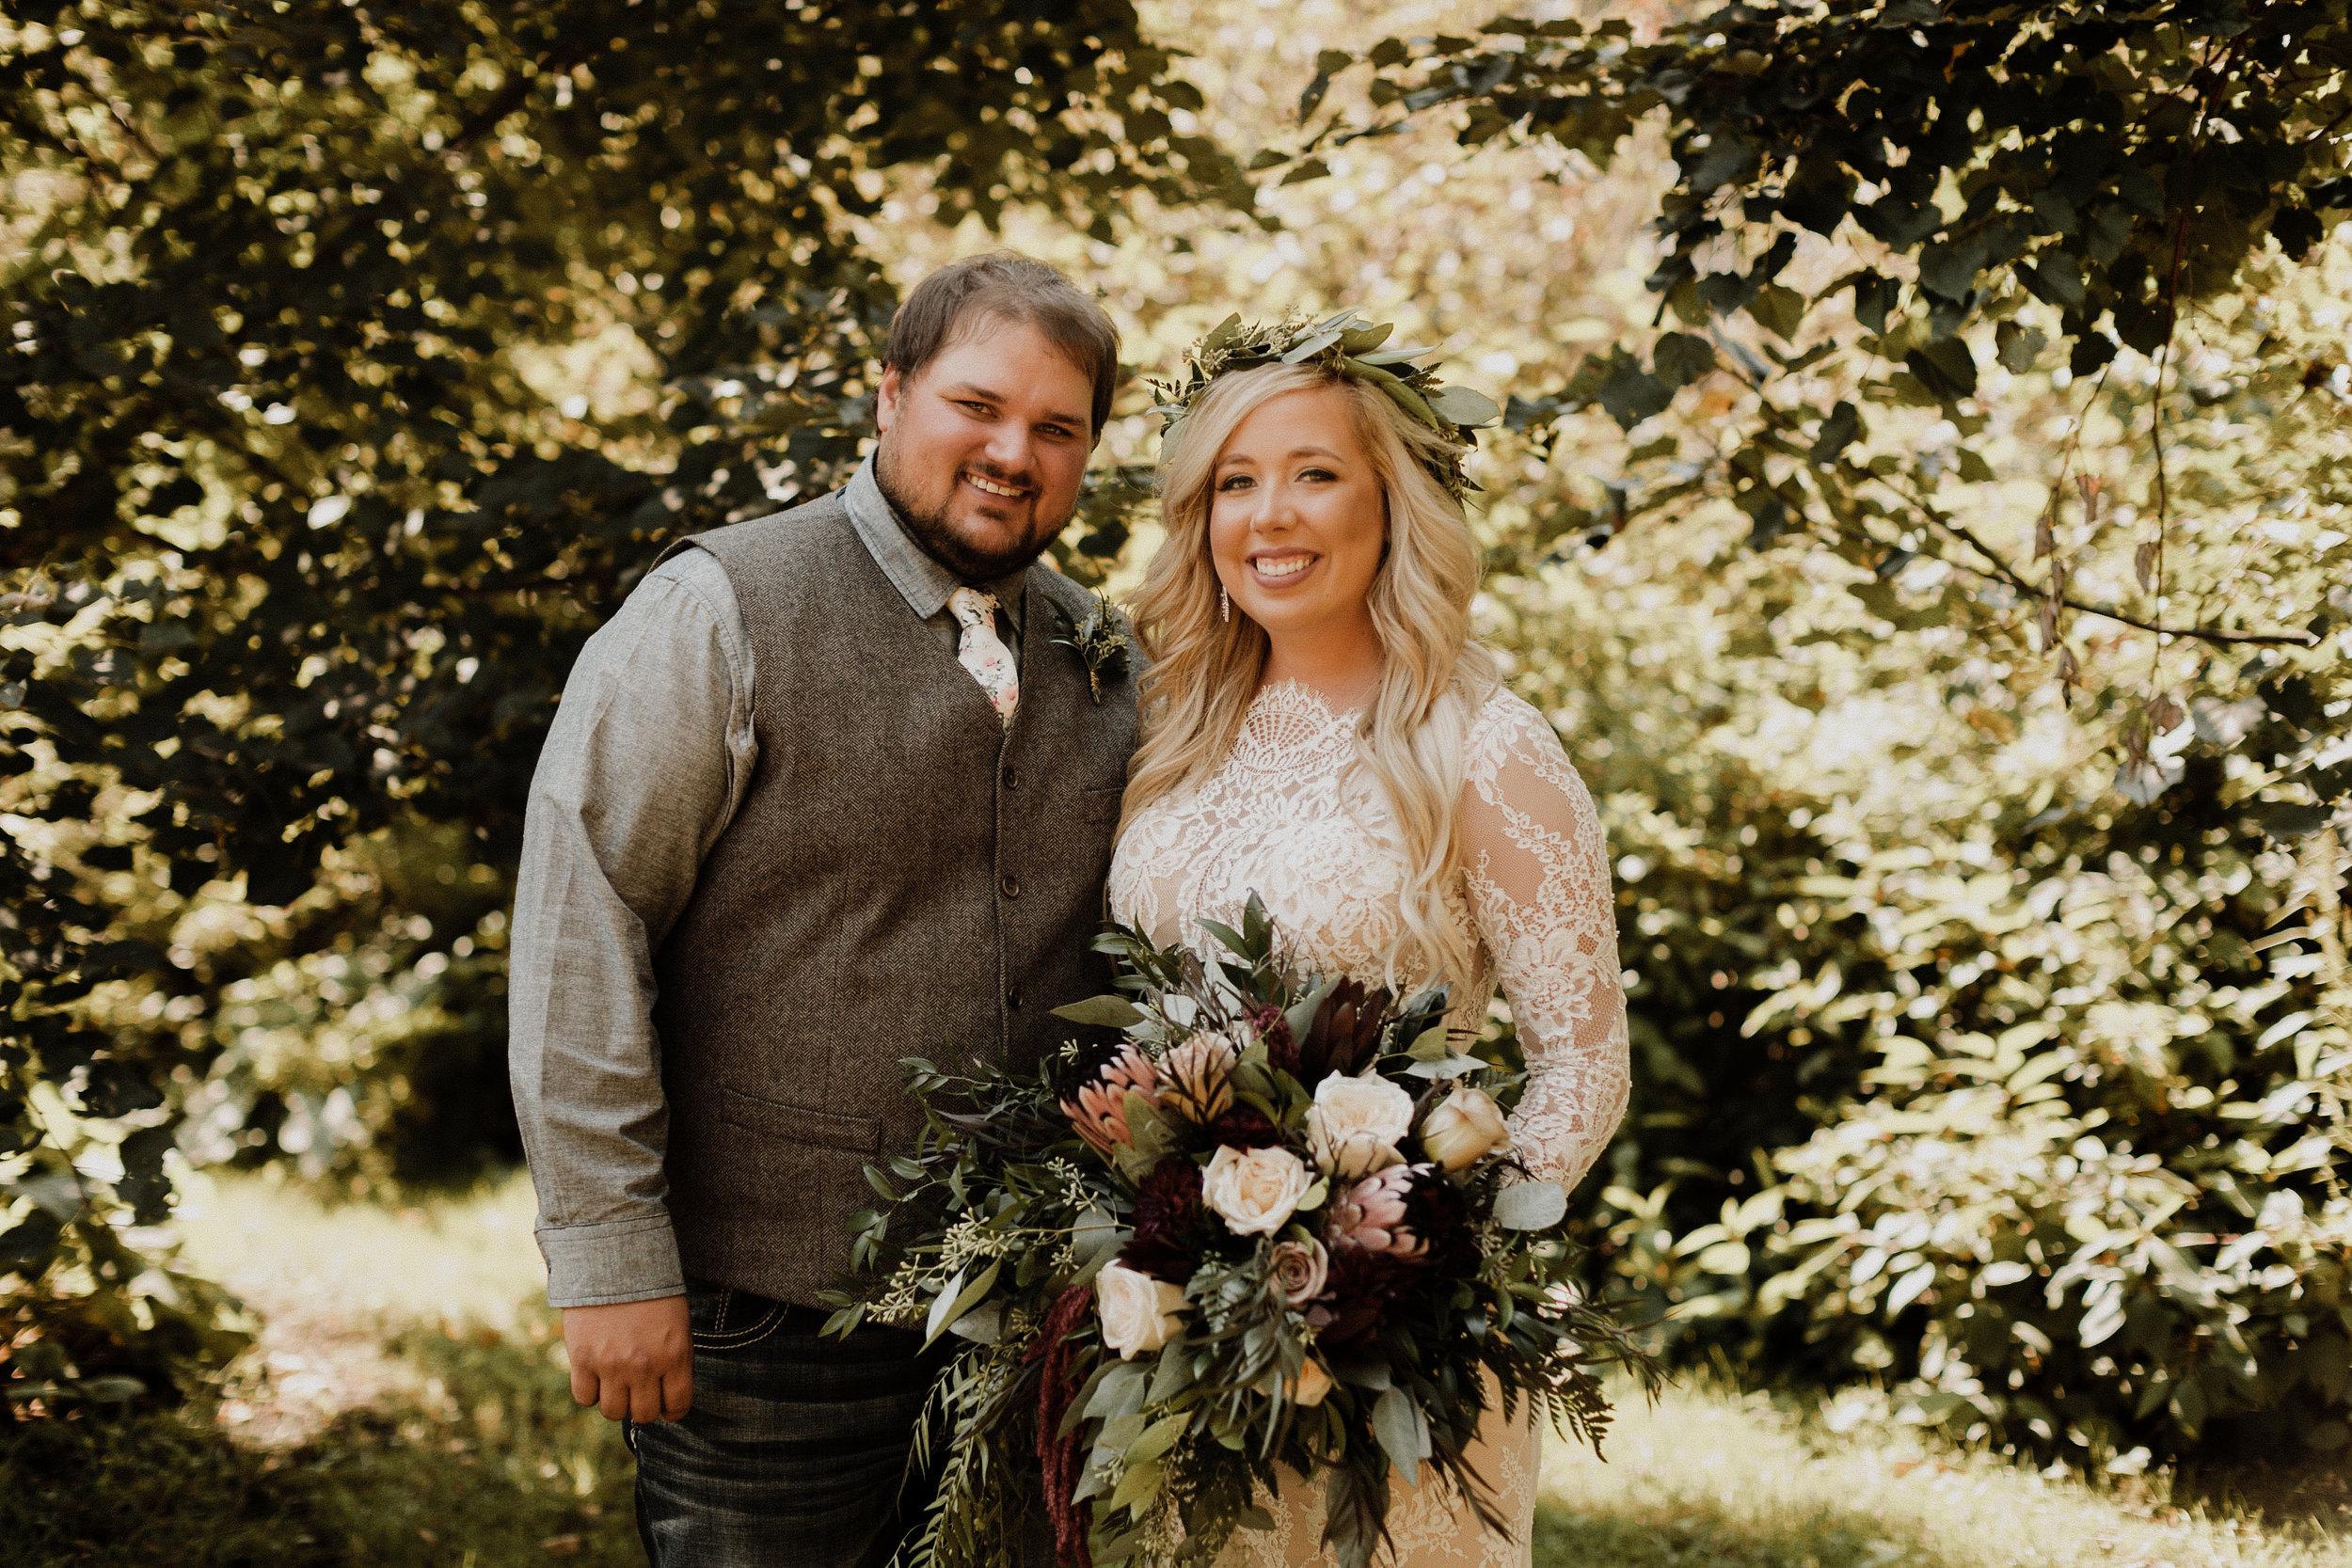 Skylar+Brock_Wedding_TonyaHjortPhotography-106.jpg